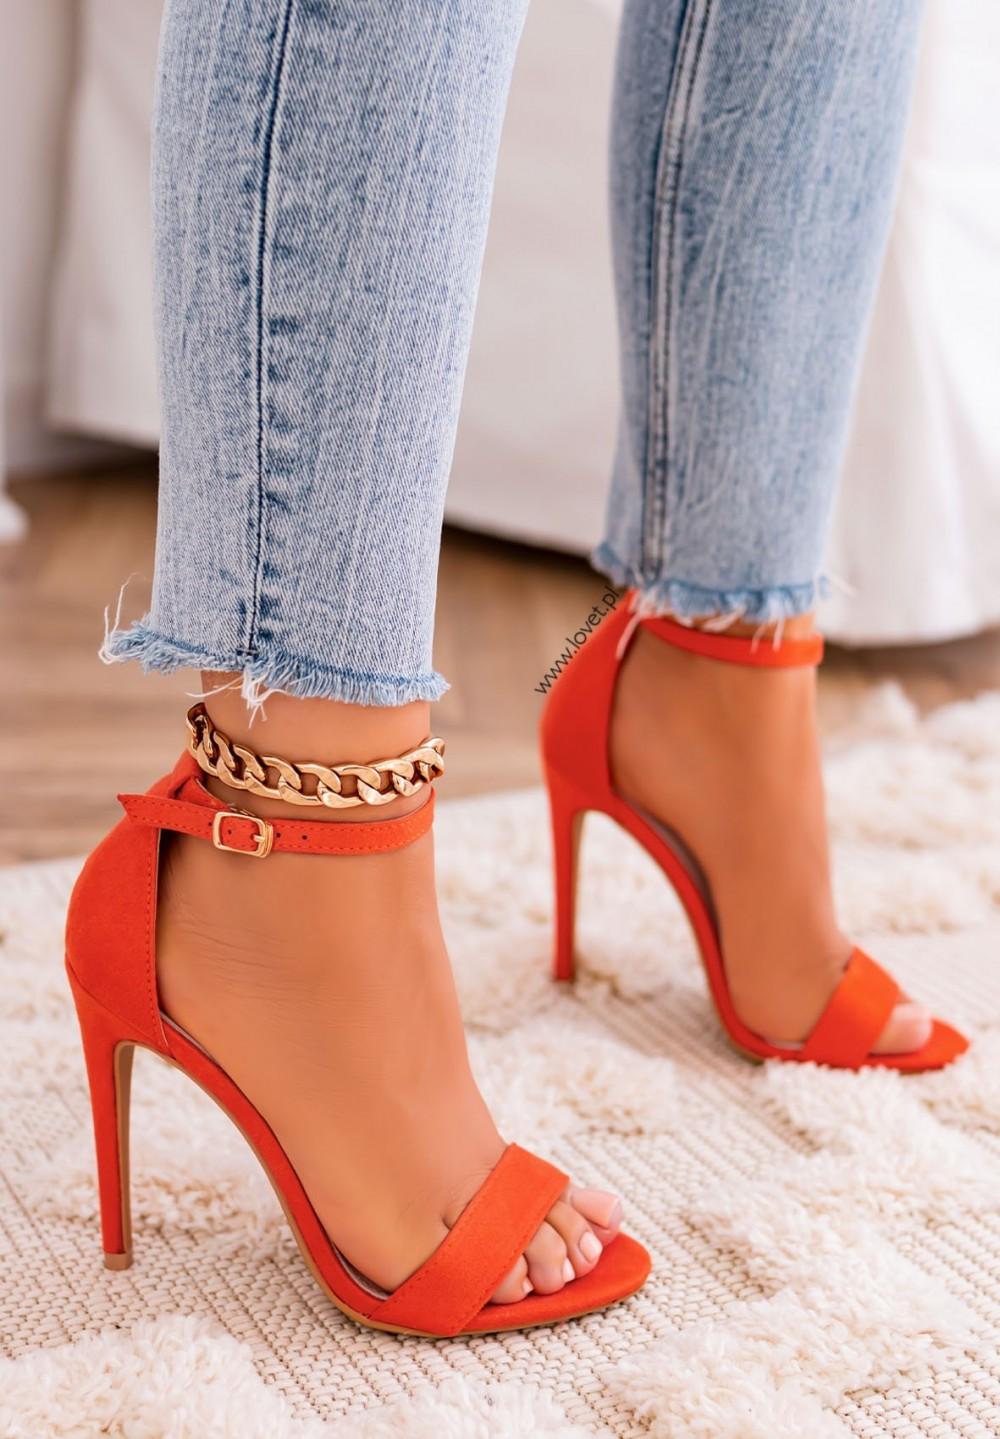 Sandałki Szpilki Zamszowe Pomarańczowe Keira